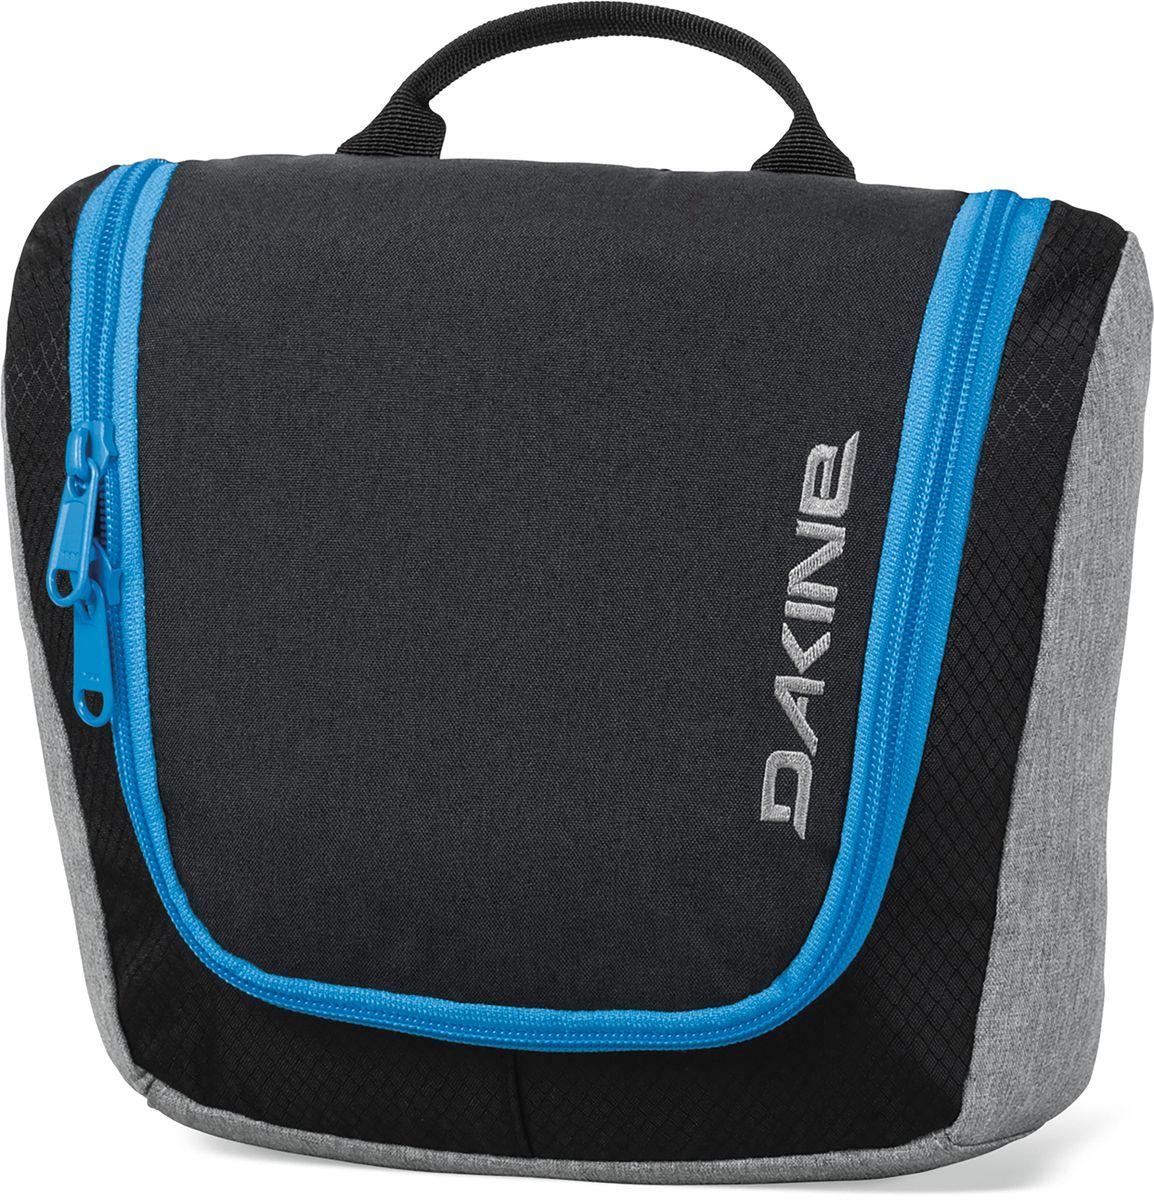 Косметичка дорожная Dakine Travel Kit, цвет: черный, синий, 3 лZ90 blackКосметичка Dakine Travel Kit выполнена из полиэстера и застегивается на молнию. Модель может подвешиваться за крючок. Внутри отделение-органайзер.